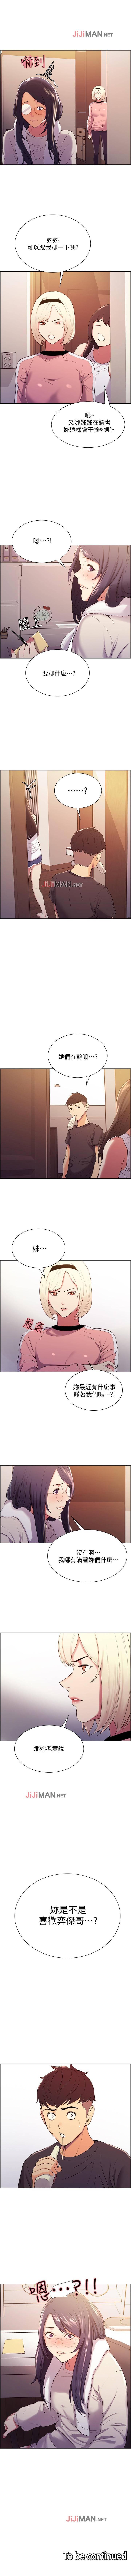 【周二连载】室友招募中(作者:Serious) 第1~13话 43